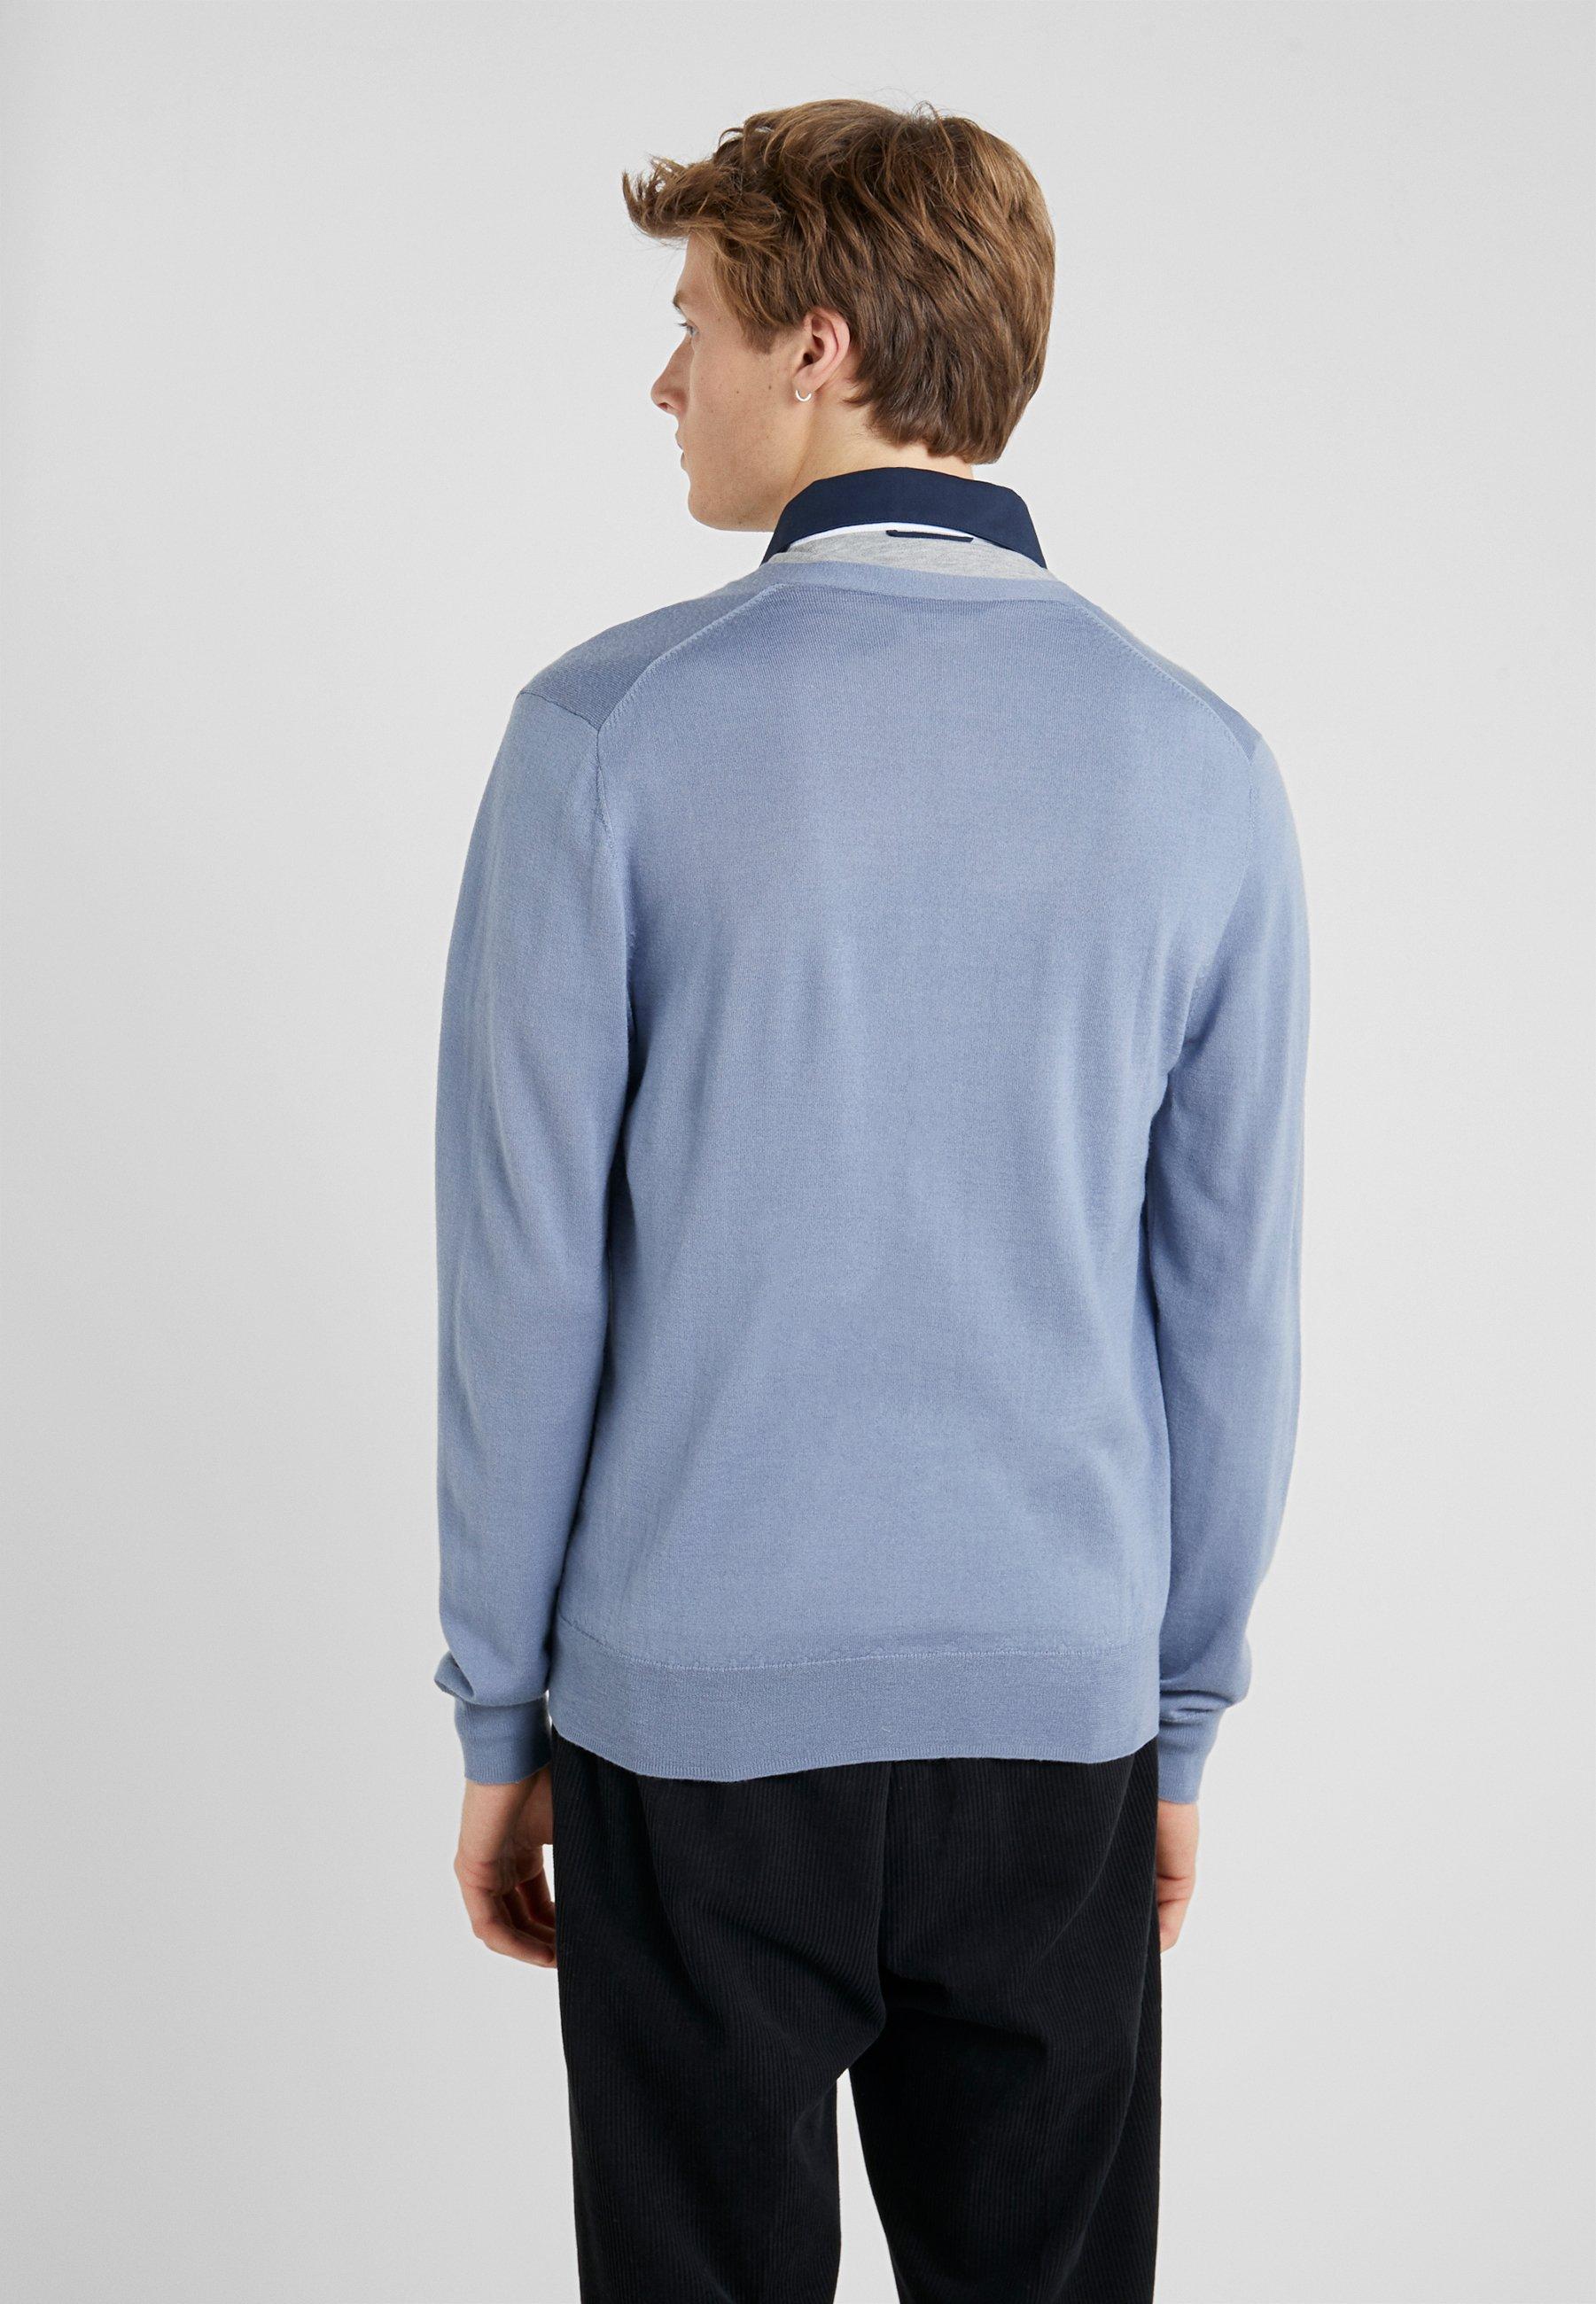 Hackett London Gilet - steel blue